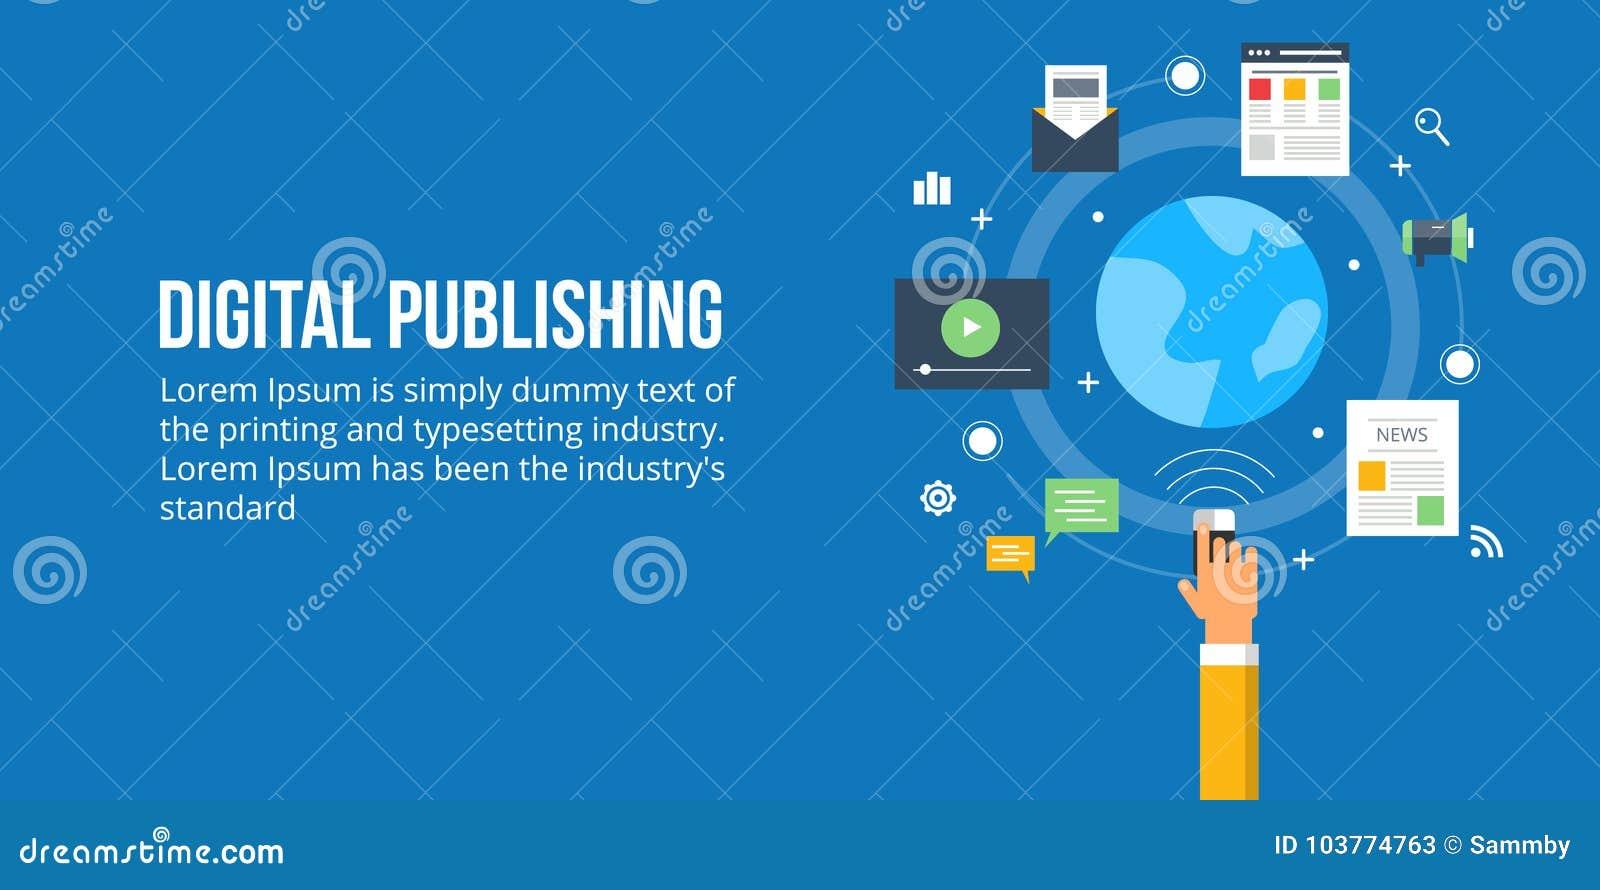 Het digitale publiceren - media inhoud het publiceren vlak ontwerpconcept